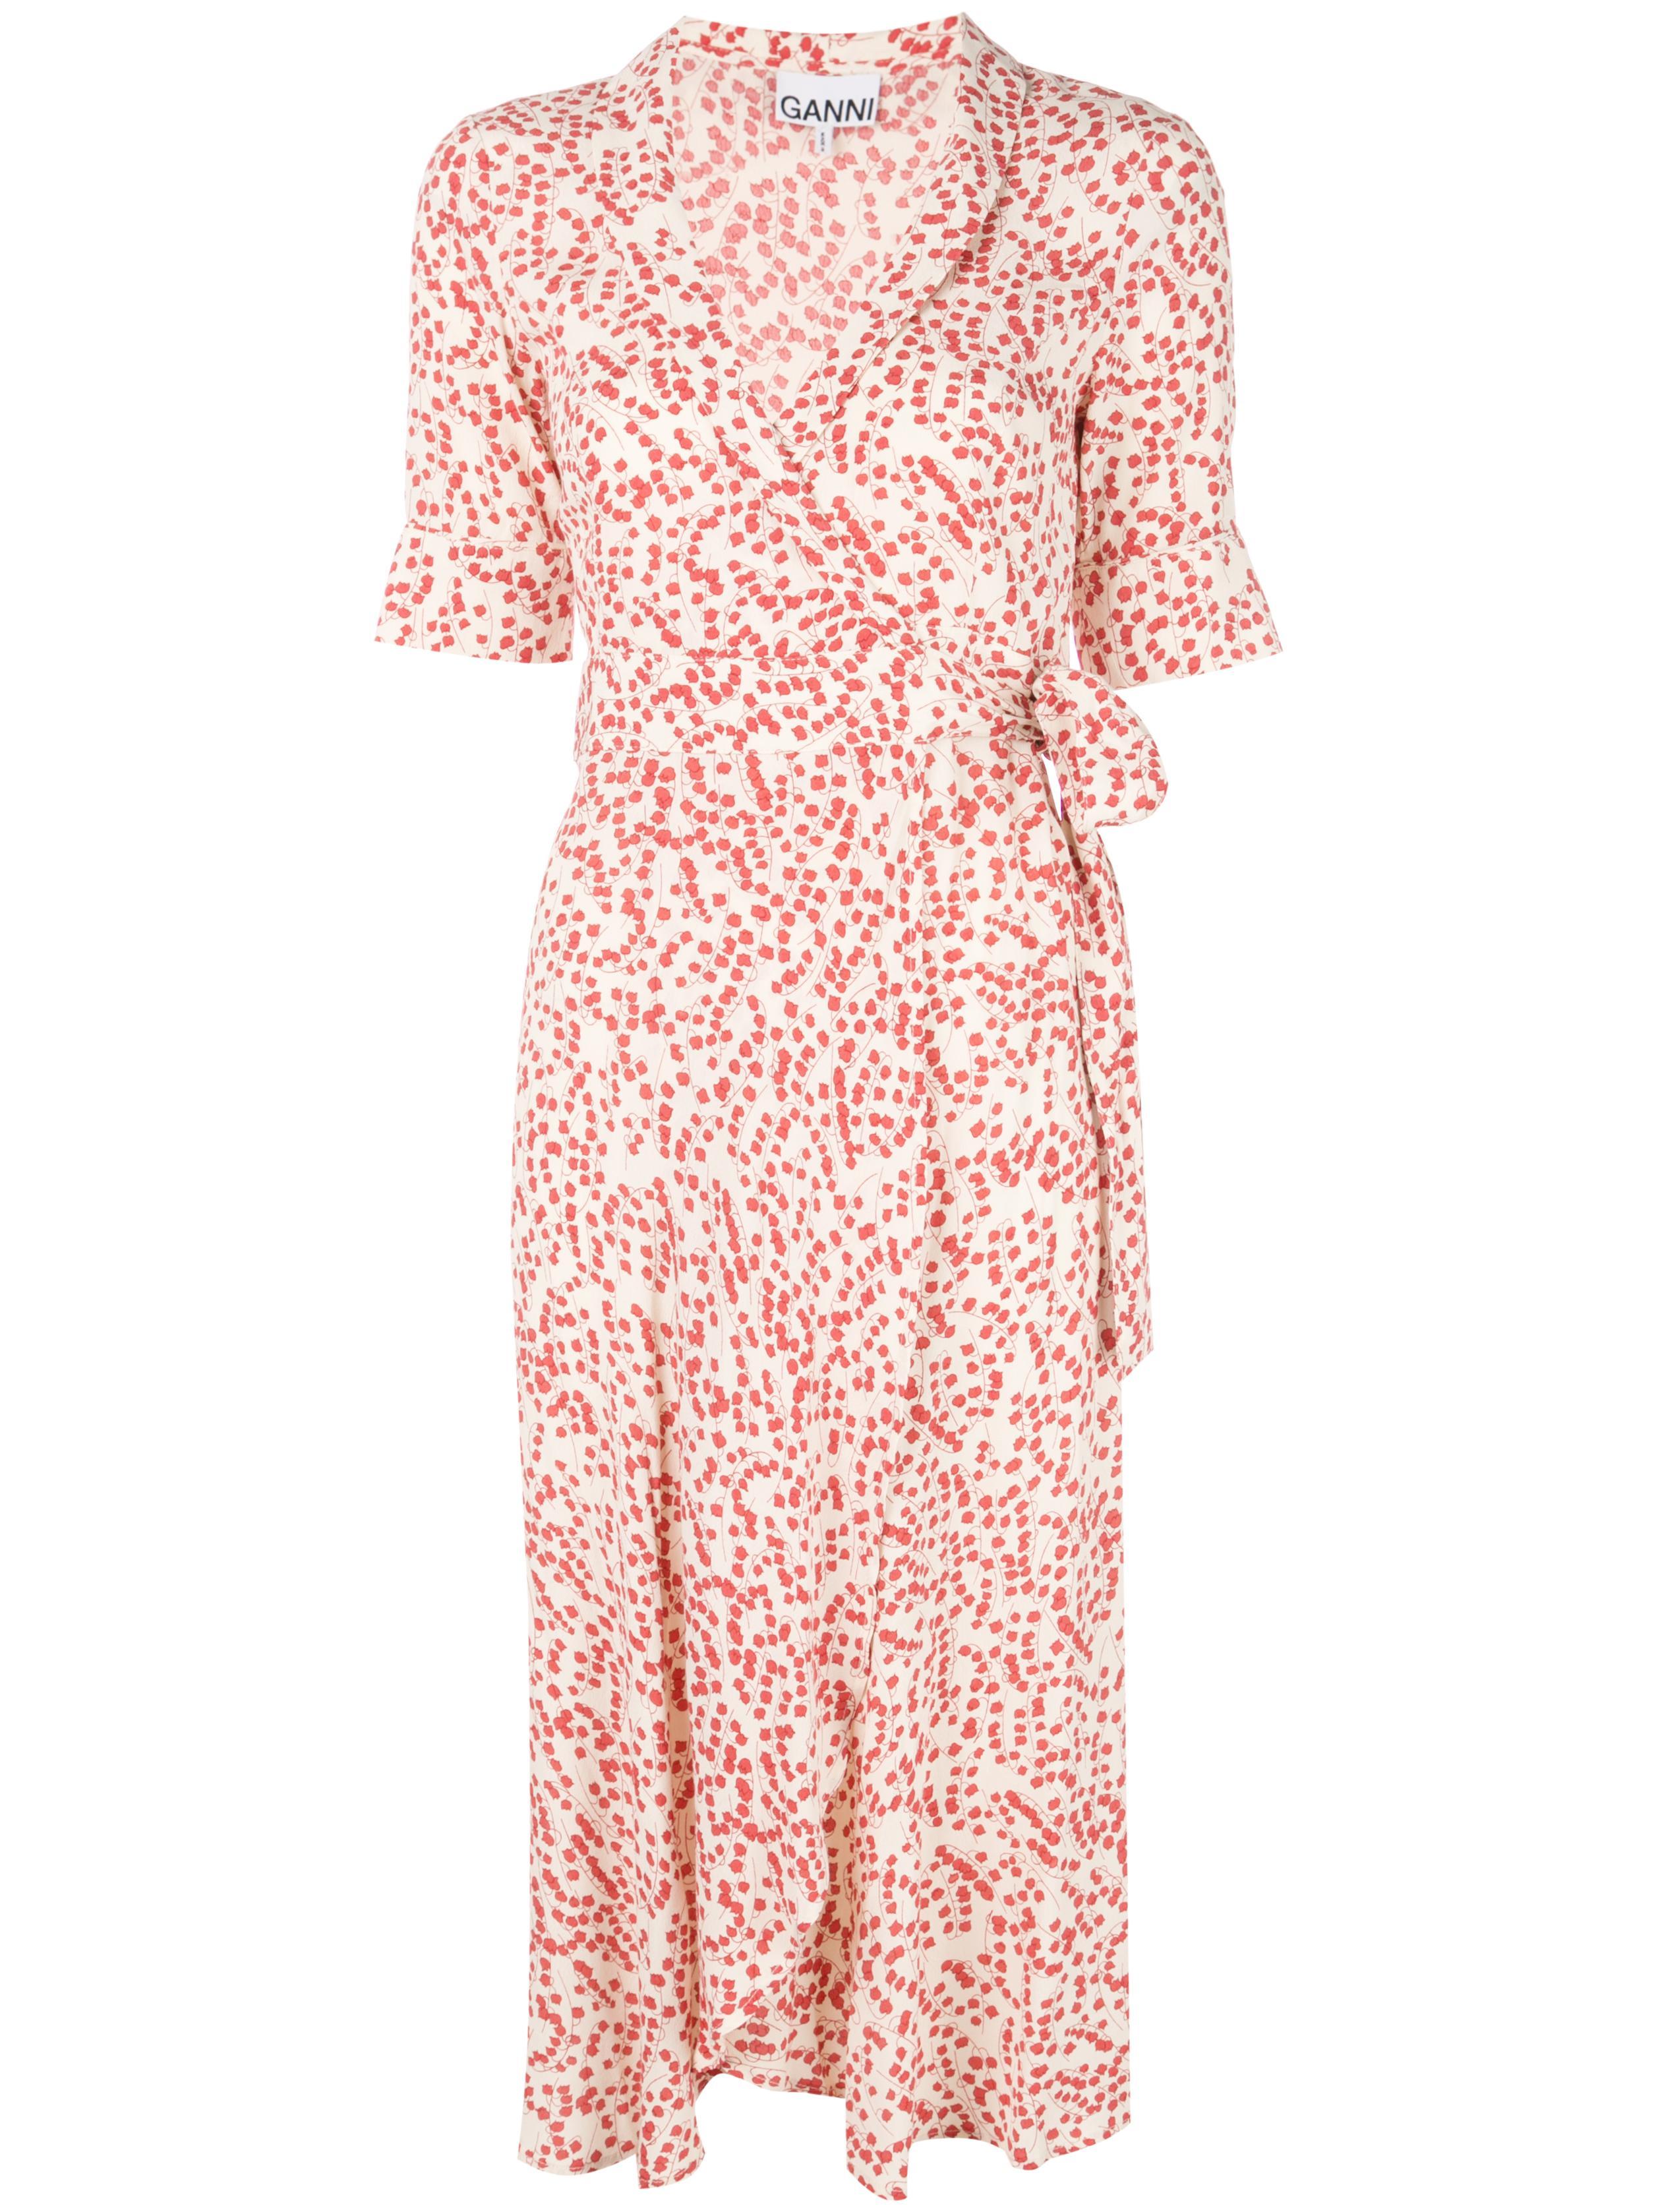 Goldstone Crepe Printed Shirt Dress Item # F3335